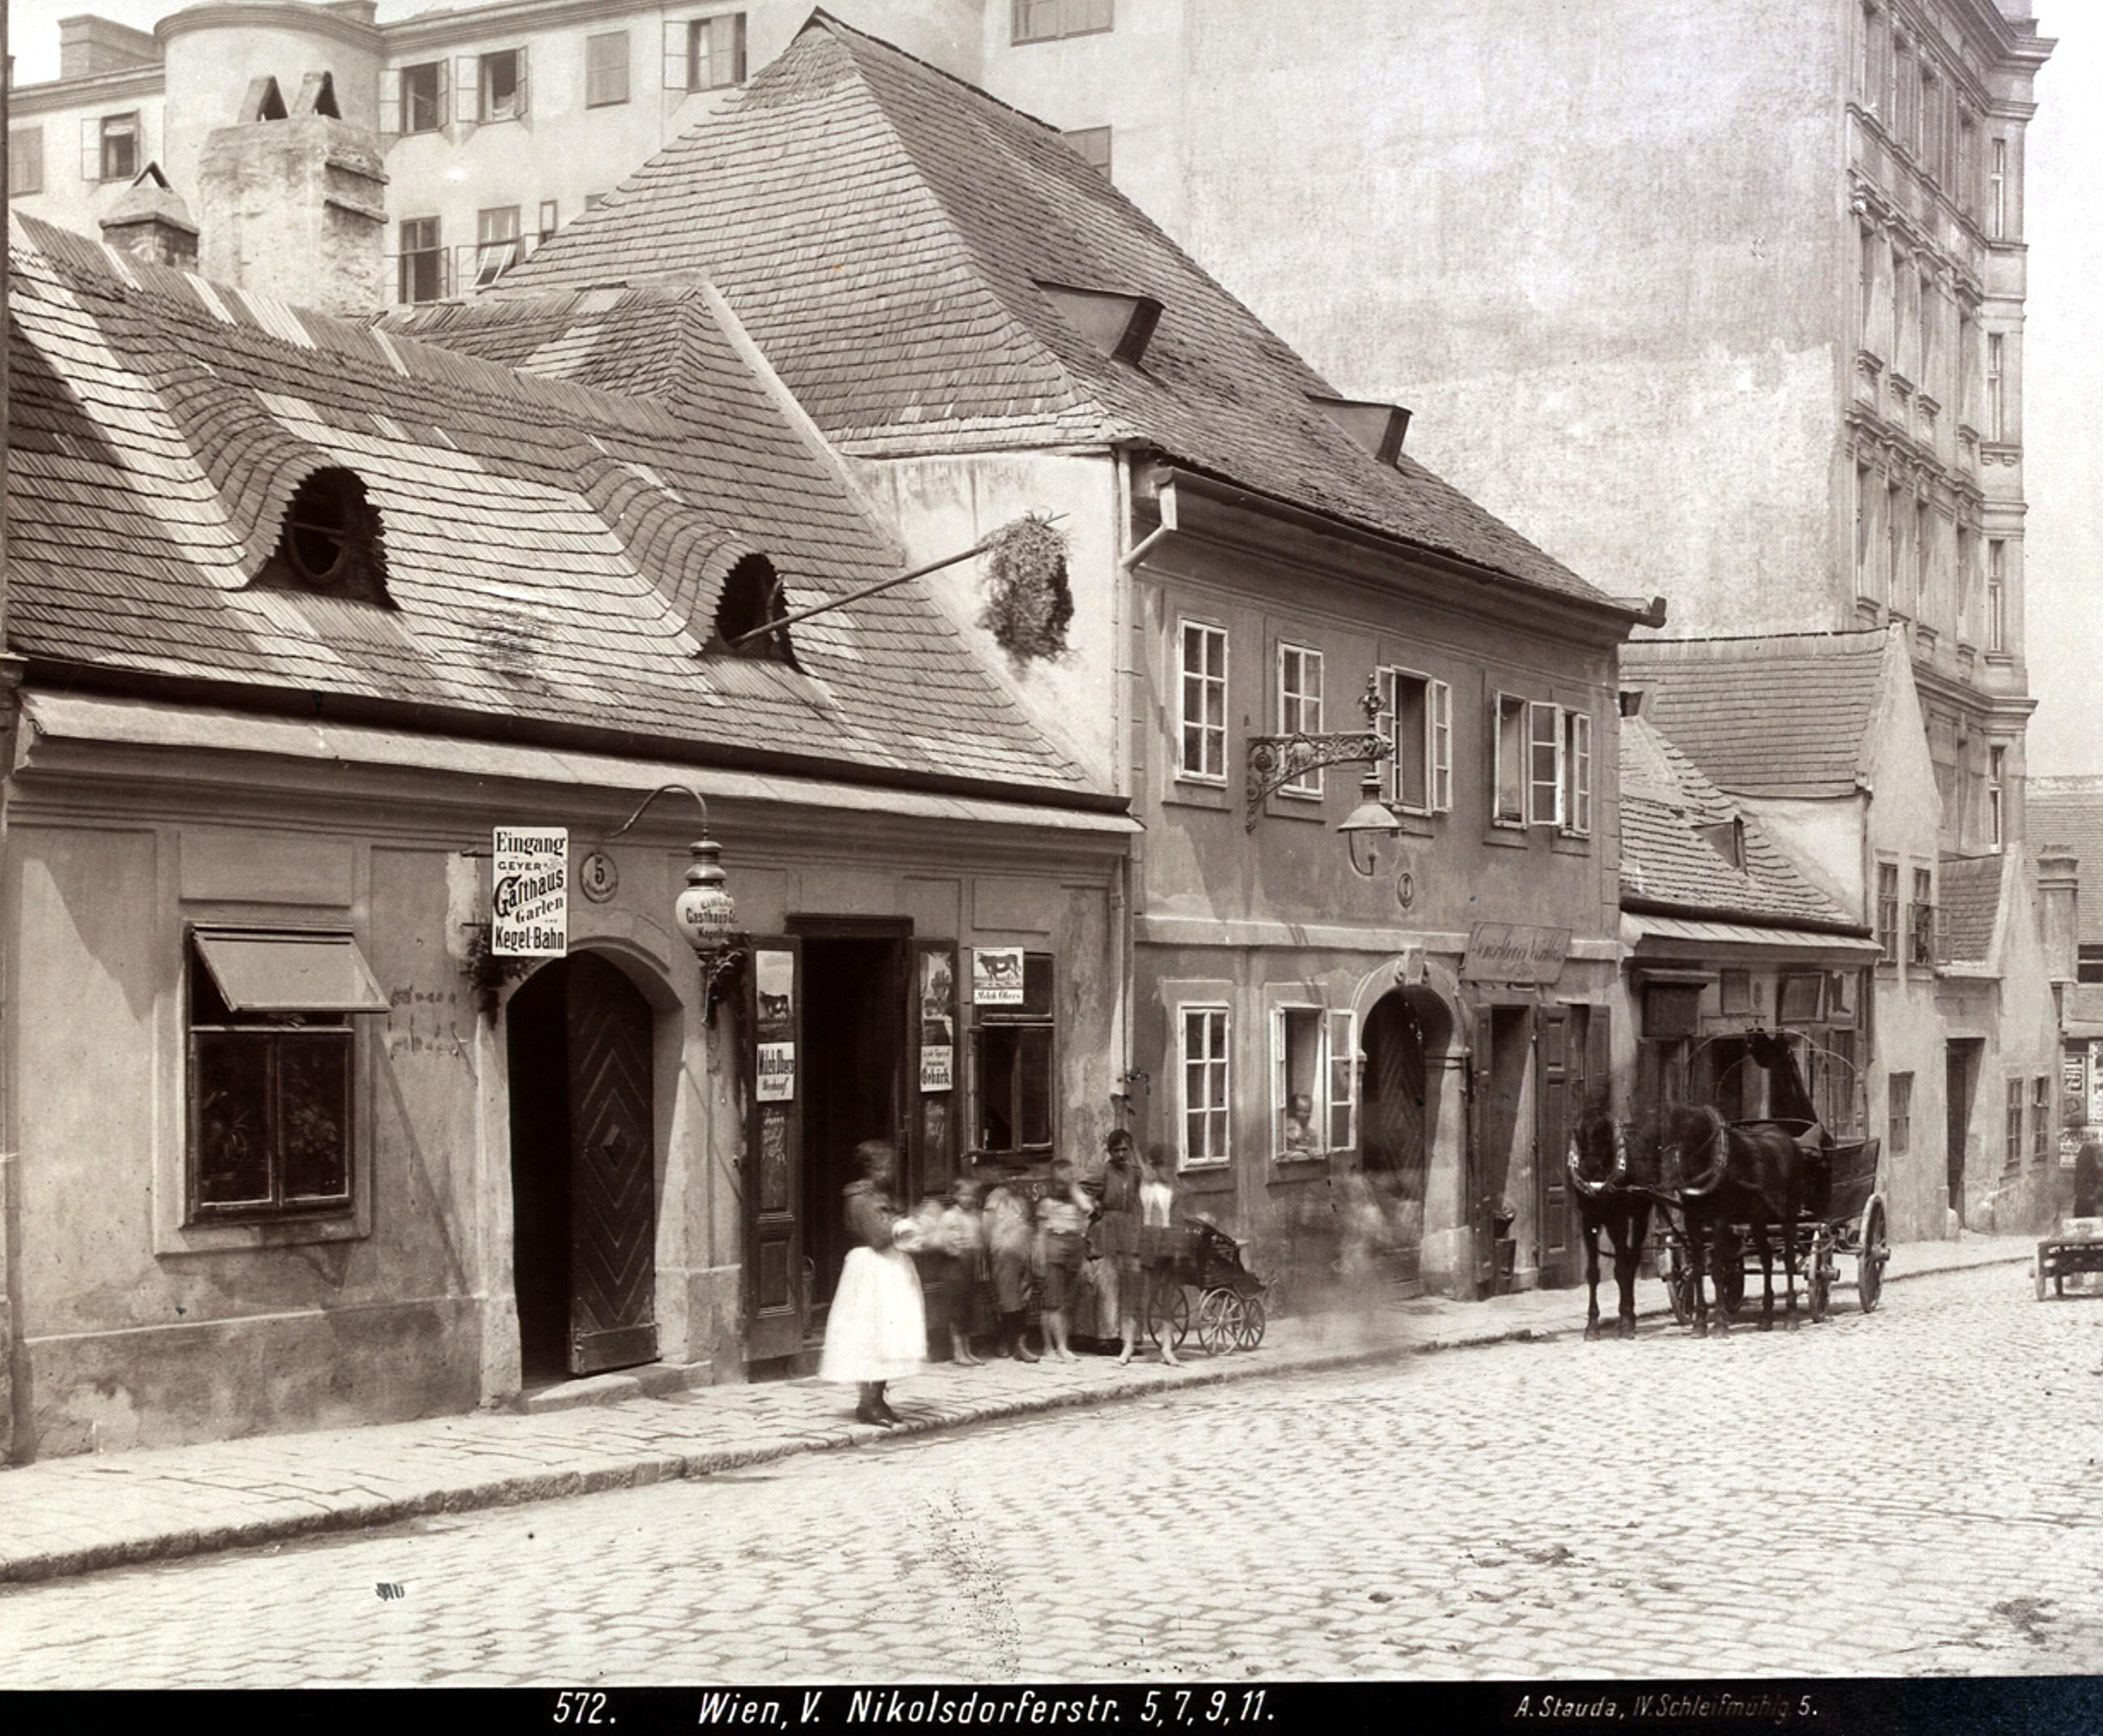 Wien 1901, Nikolsdorfer Straße